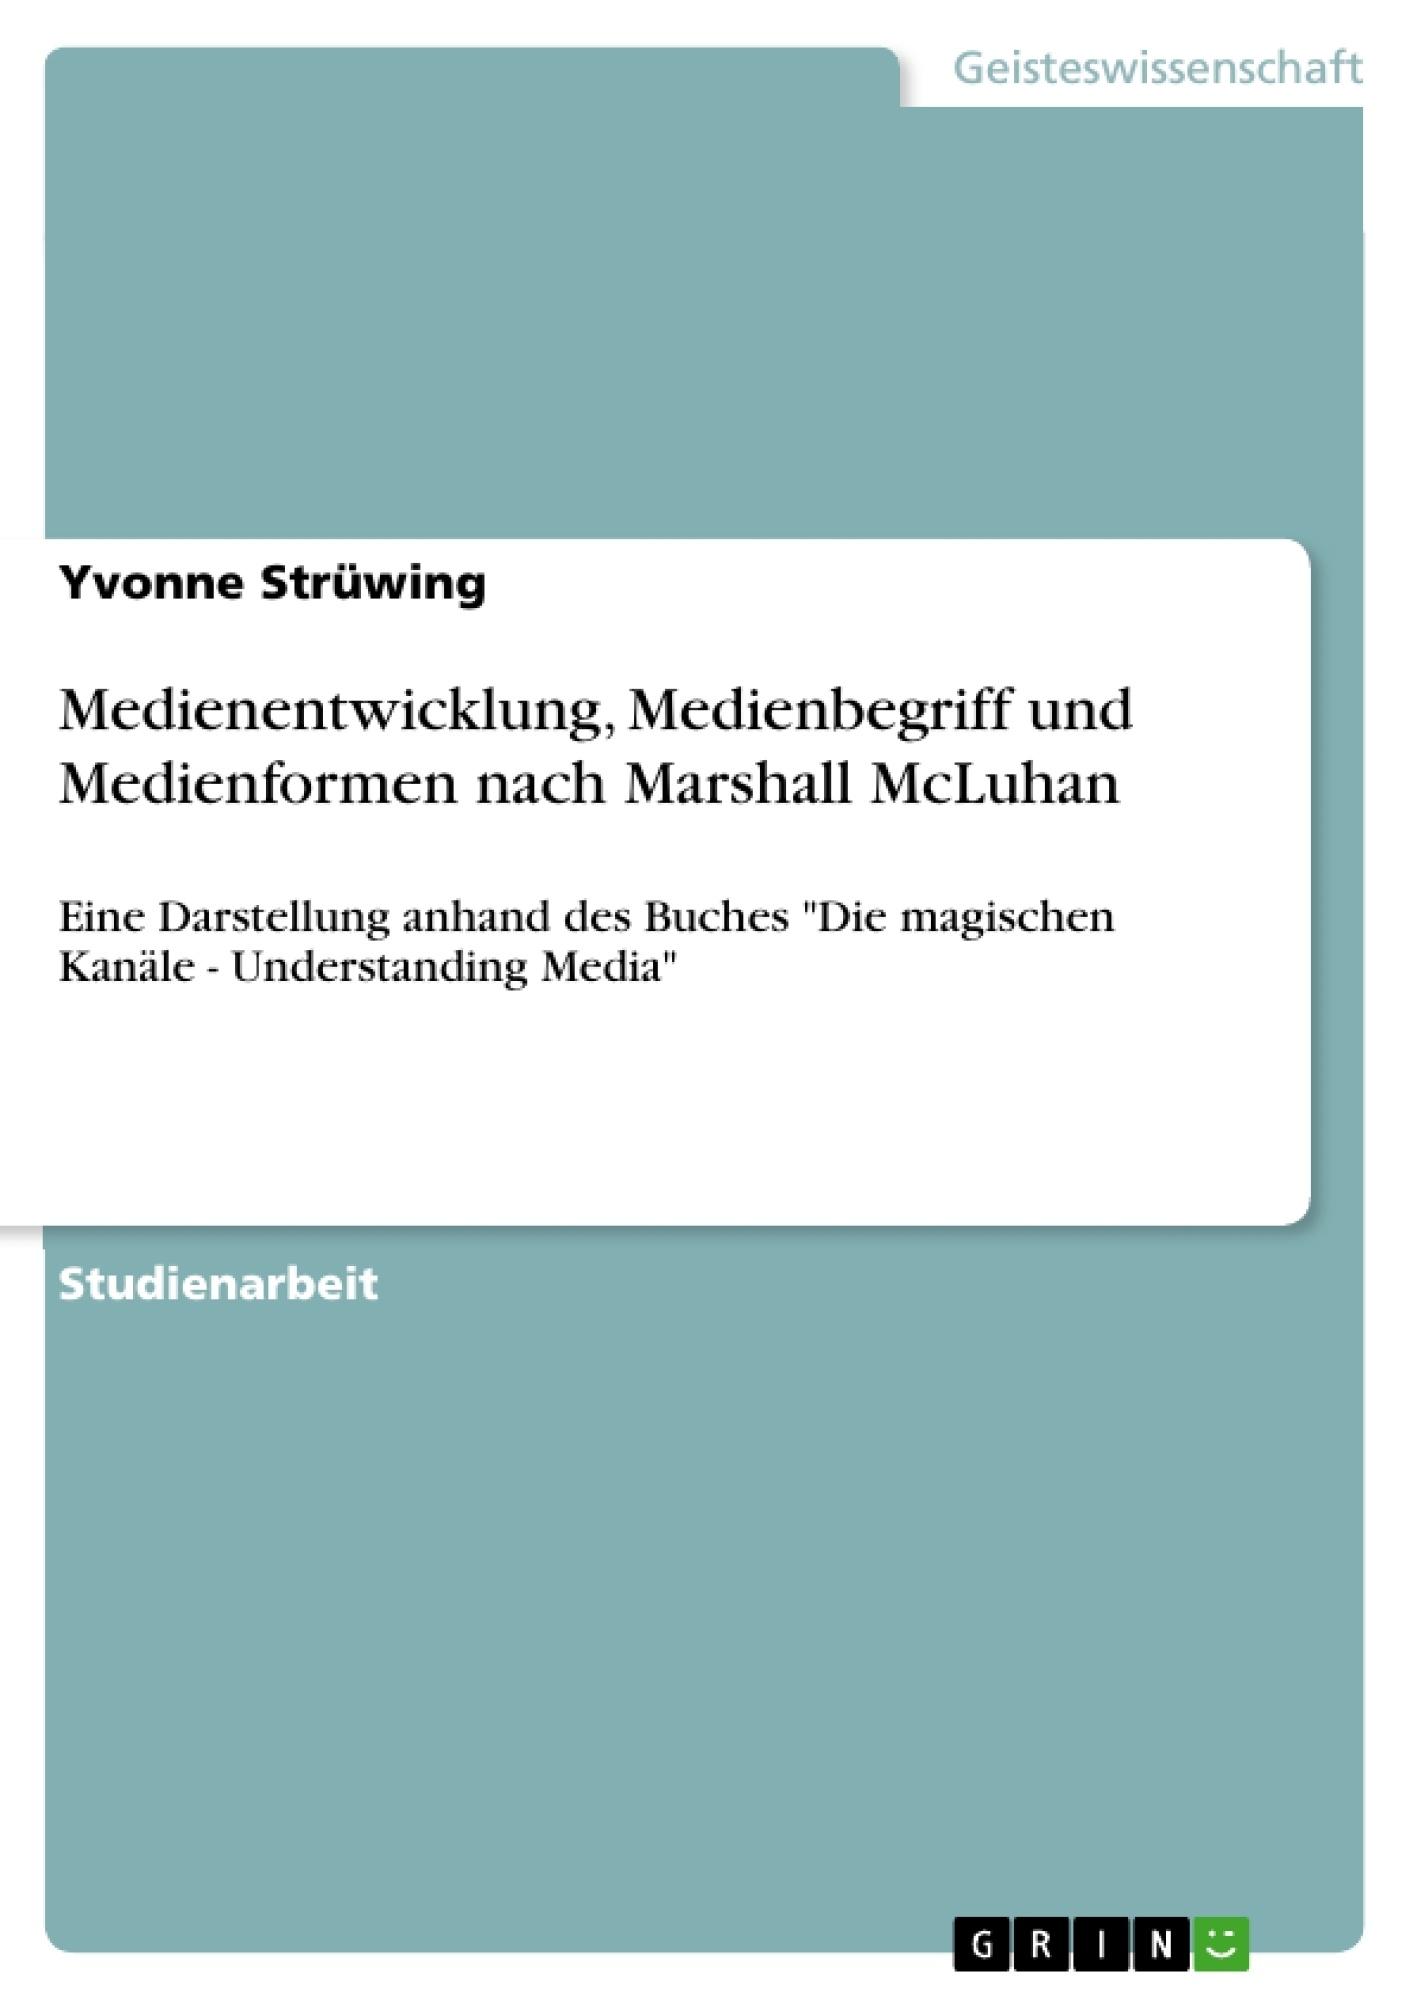 Titel: Medienentwicklung, Medienbegriff und Medienformen nach Marshall McLuhan